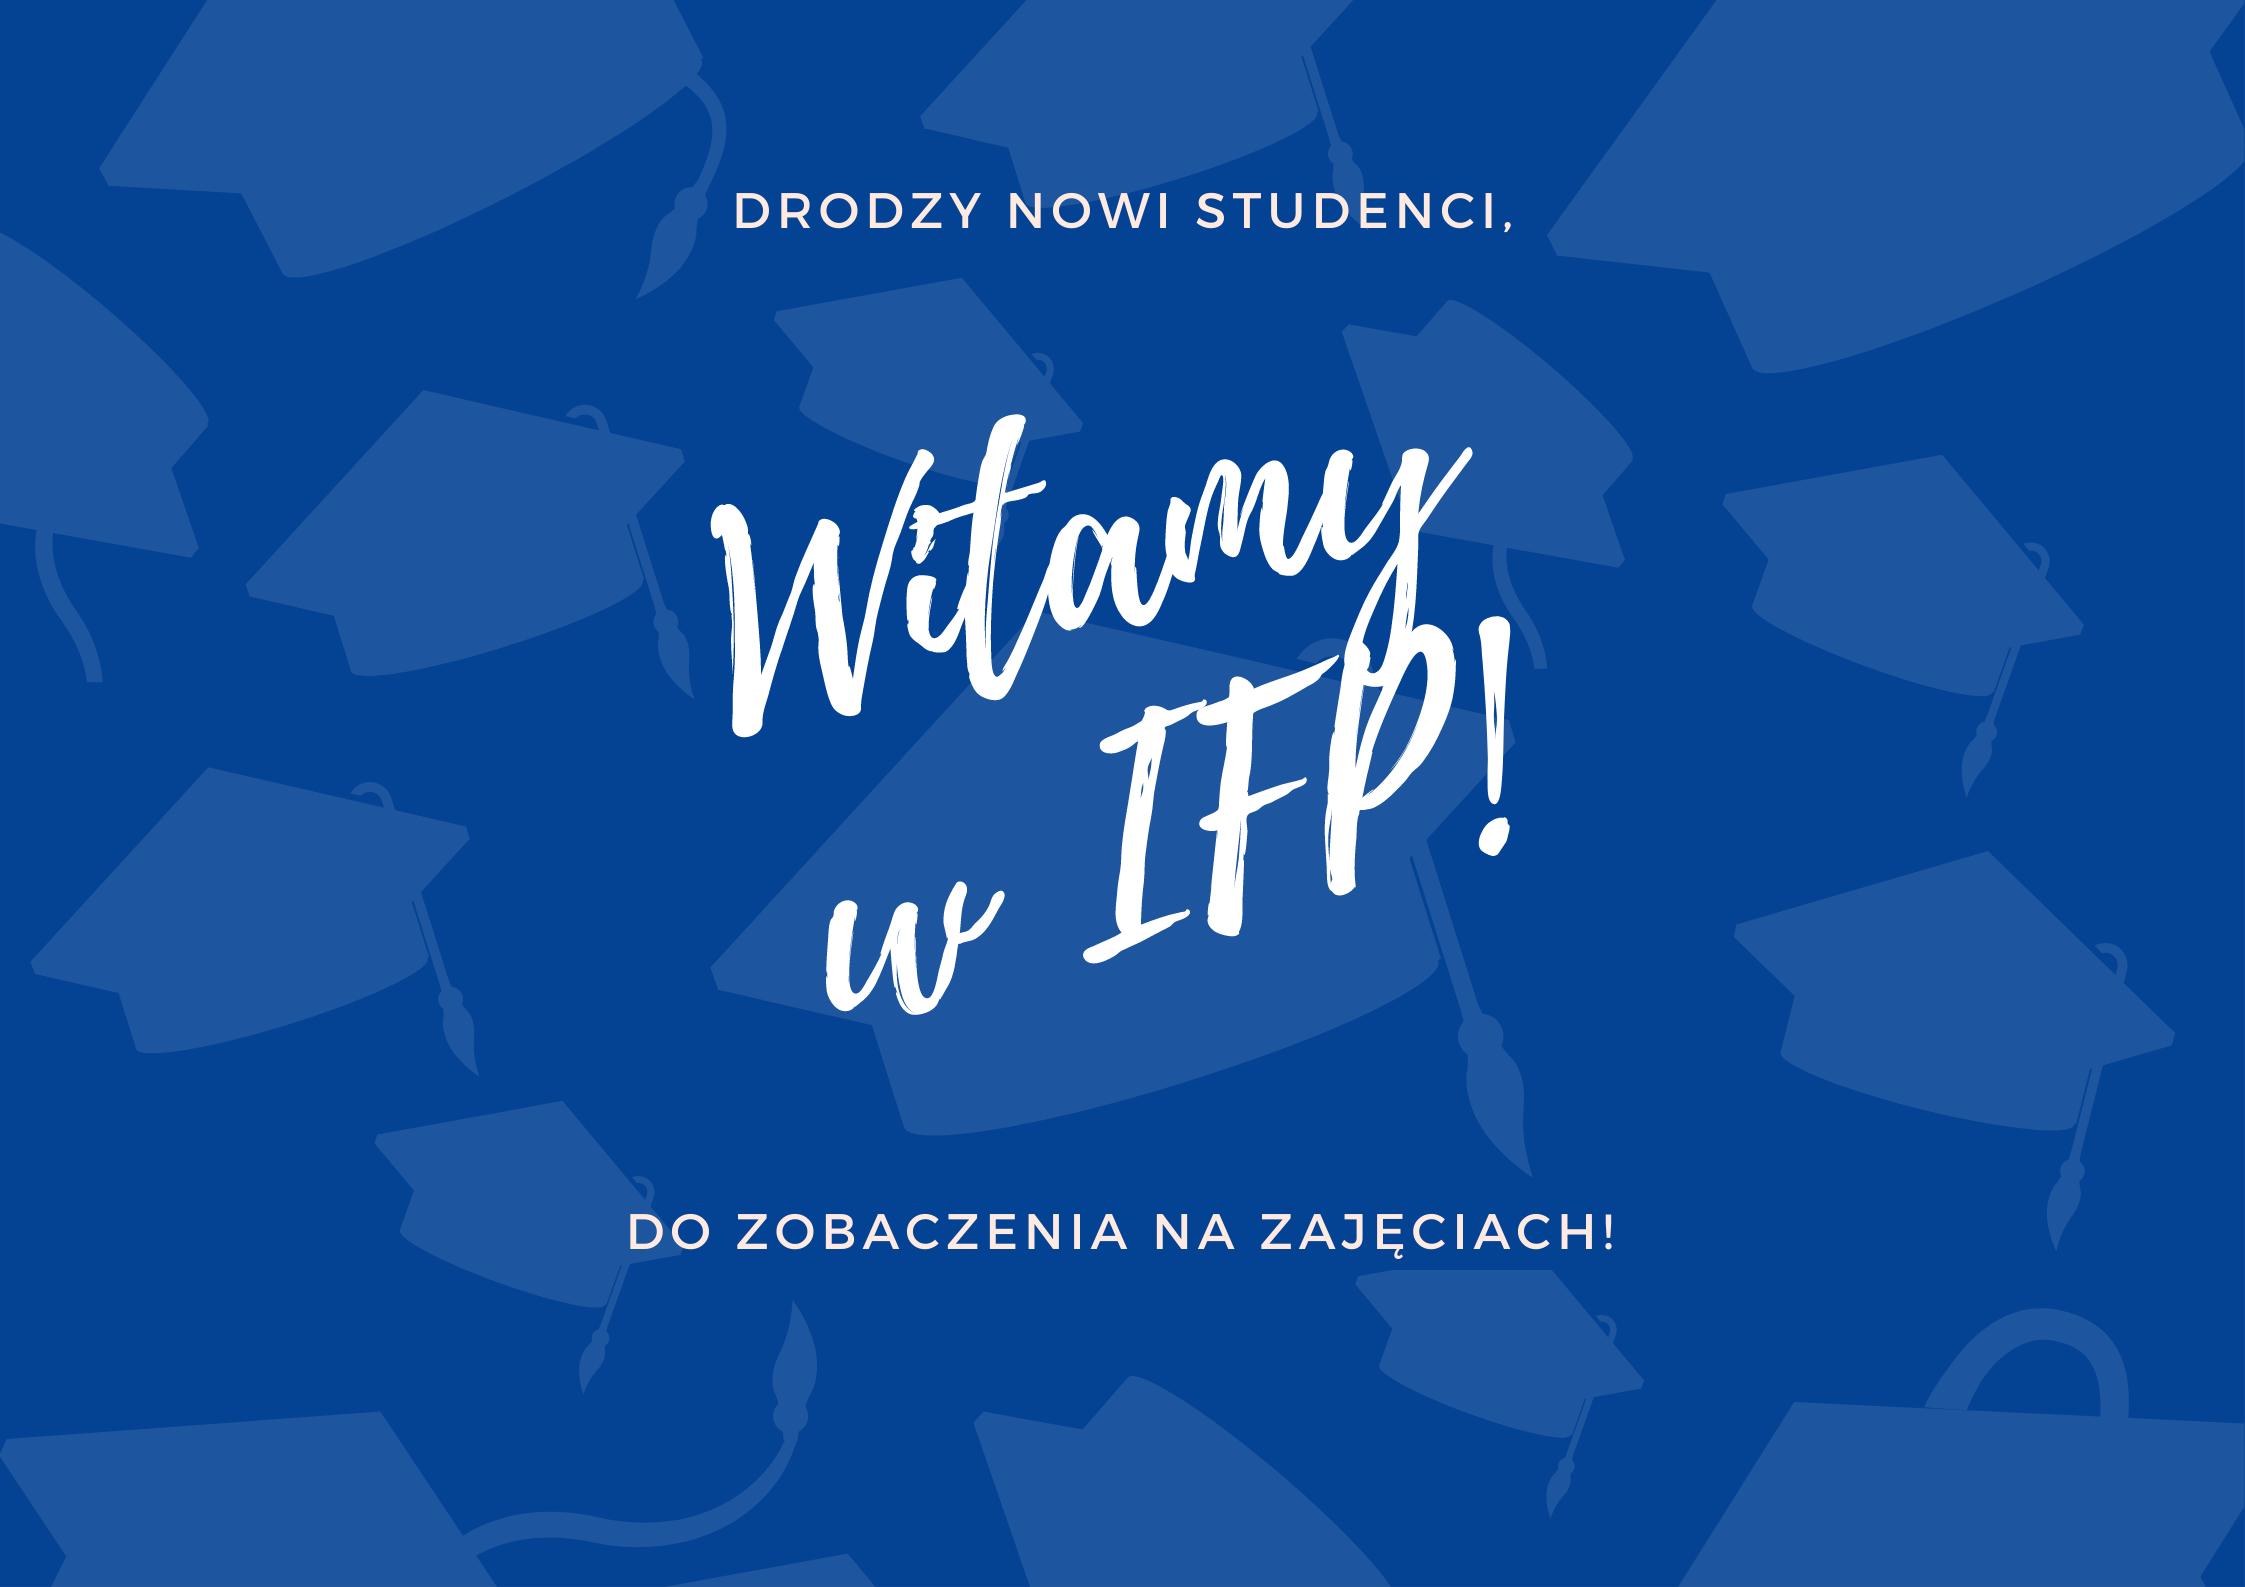 """Na granatowym tle widać cienie czapek absolwenckich, na środku napis """"Drodzy nowi studenci, witamy w IFP! Do zobaczenia na zajęciach"""""""